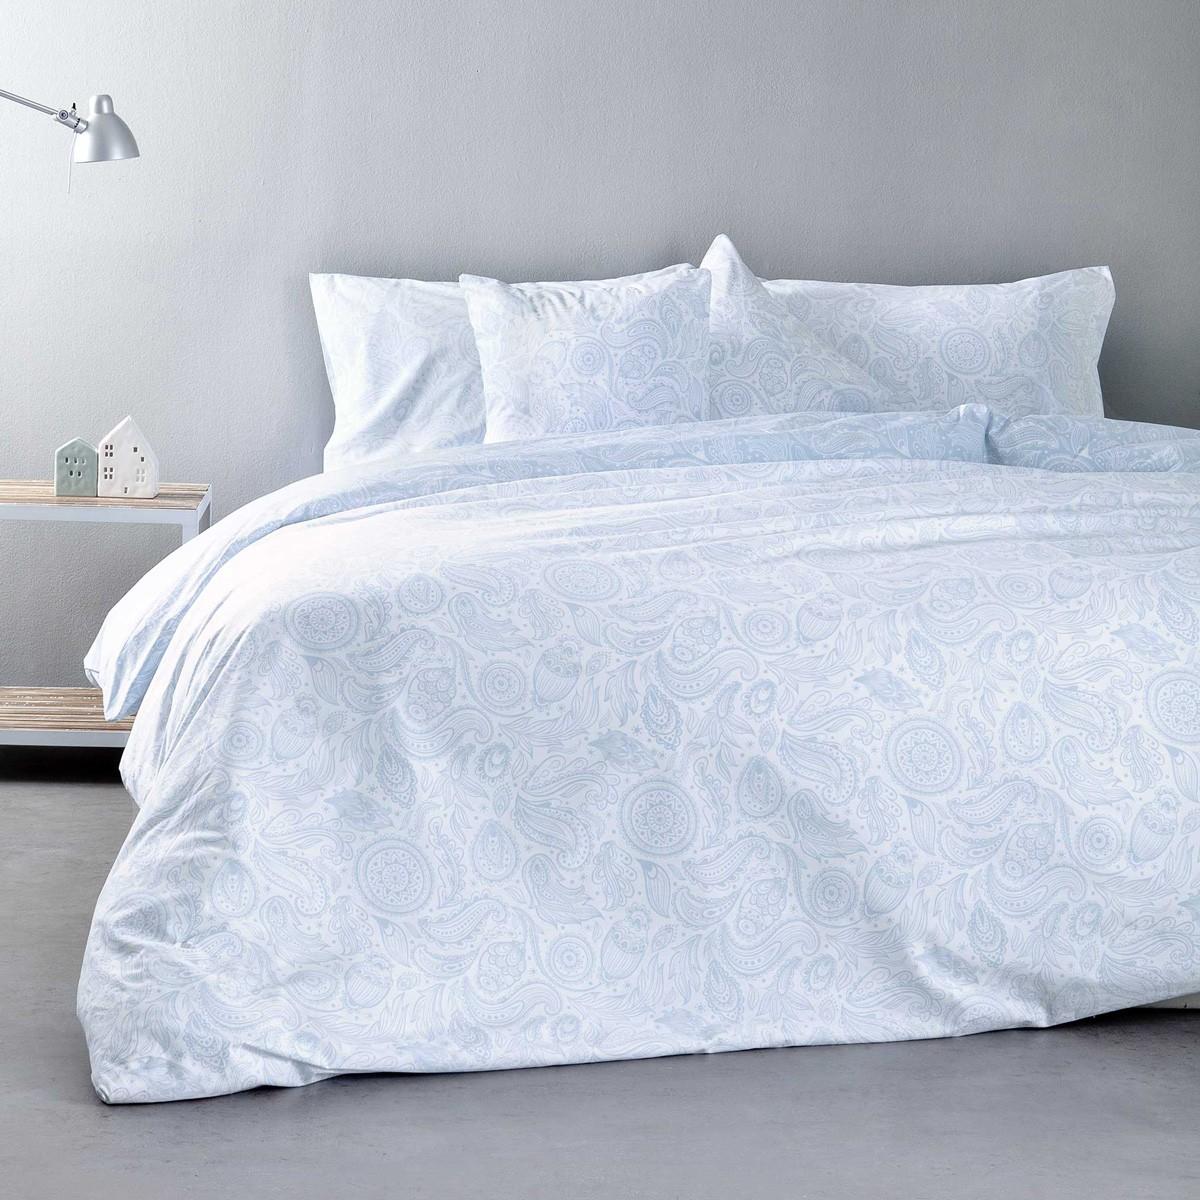 Σεντόνια Μονά (Σετ) Nima Bed Linen Jaipur Blue